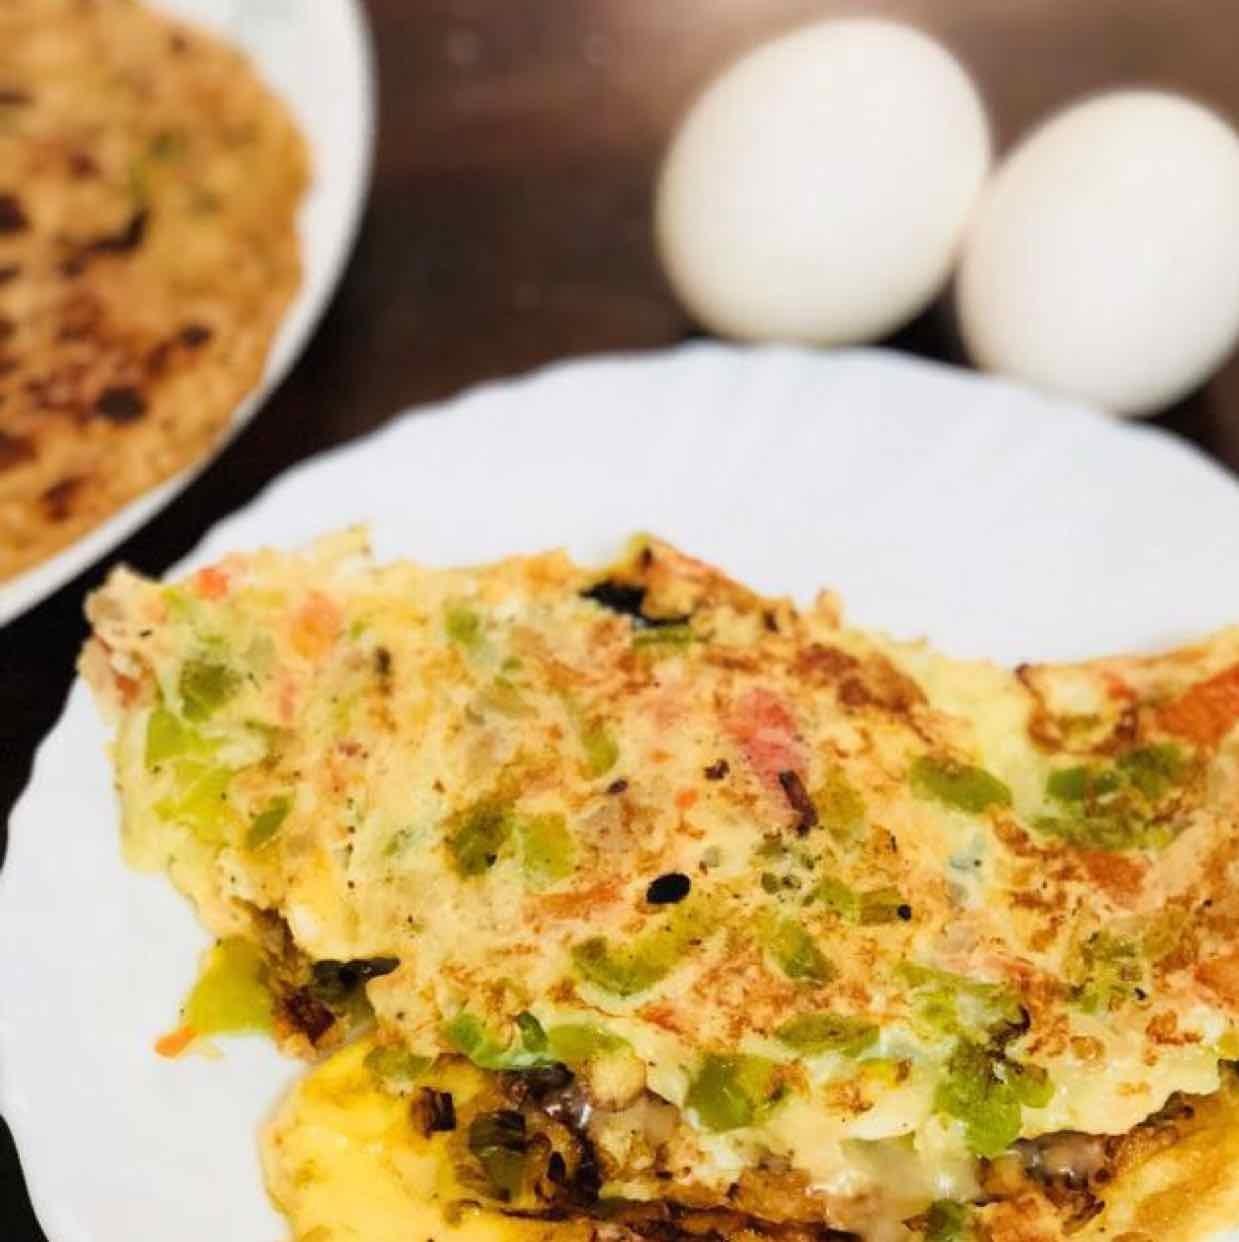 How to make Spanish omlet